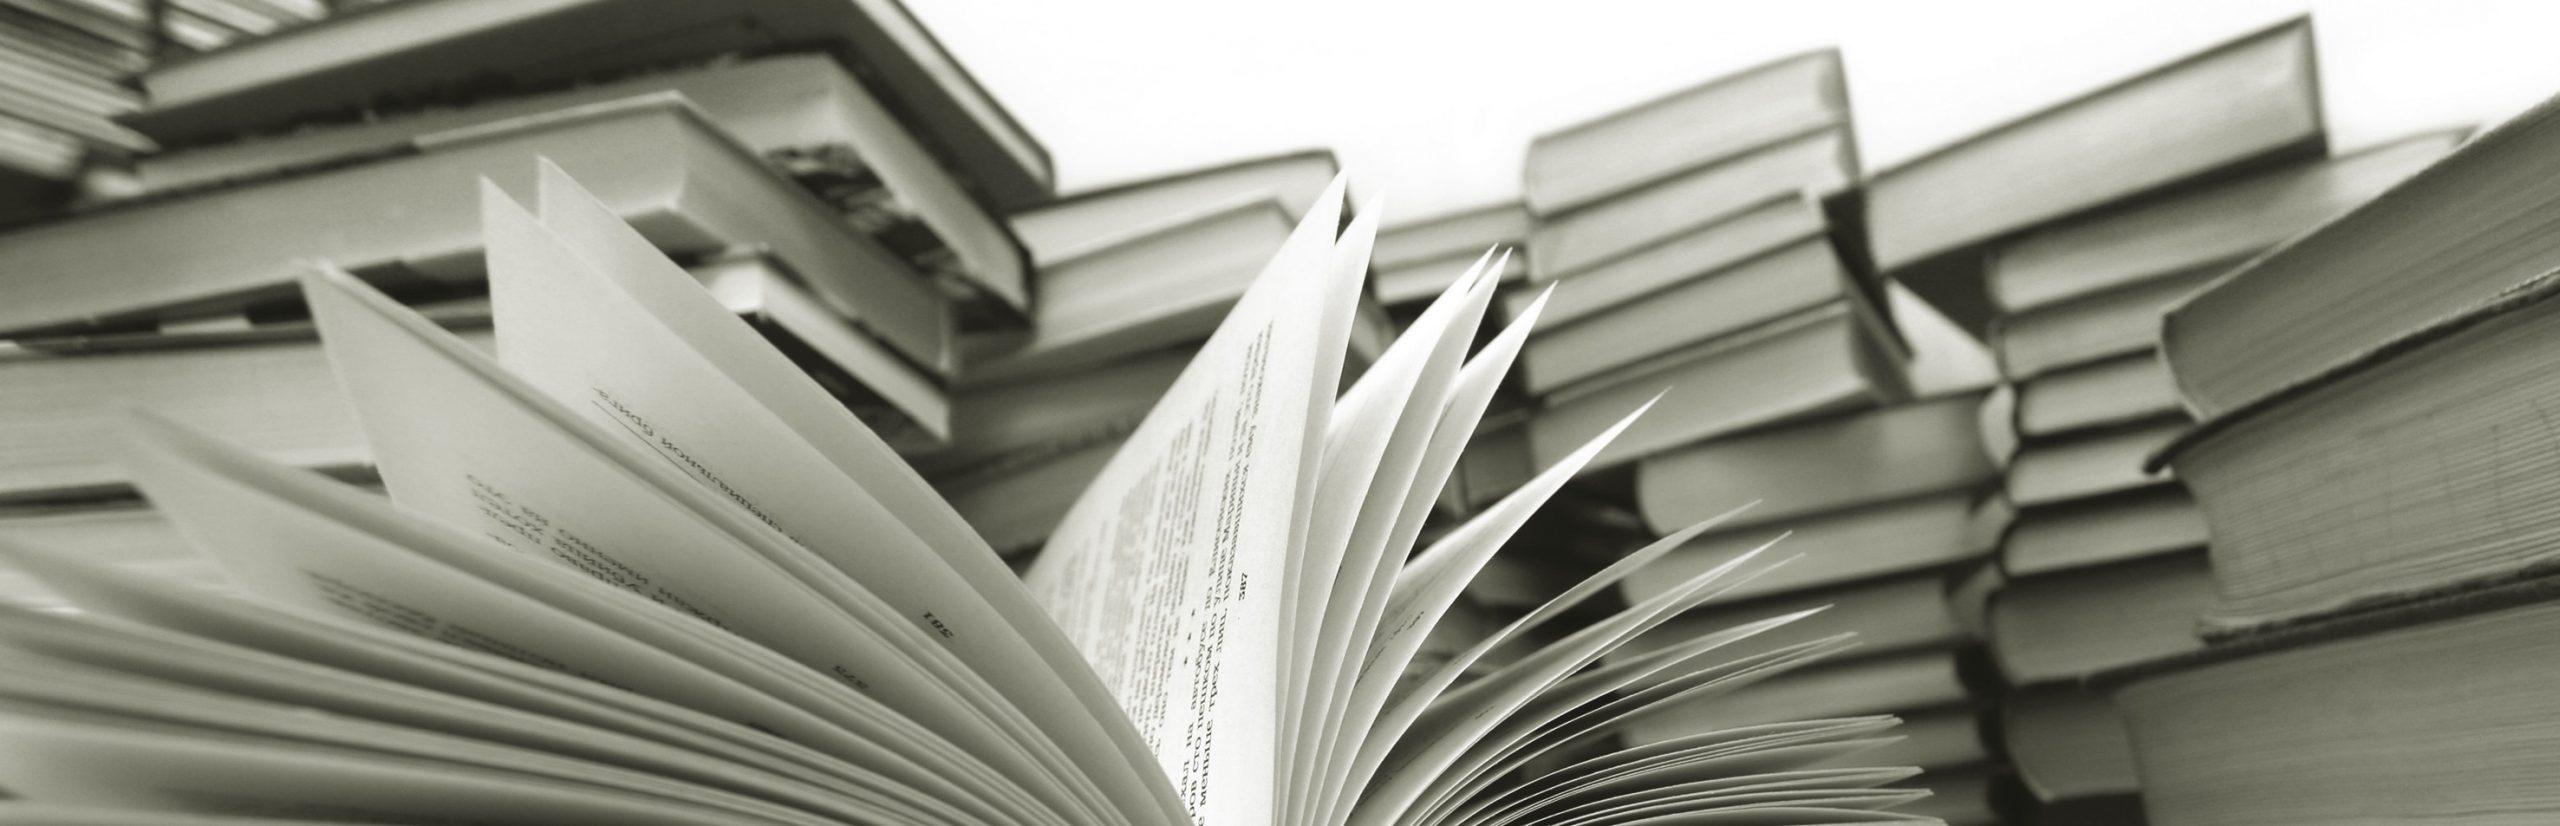 Immagine realizzazione e stampa libri